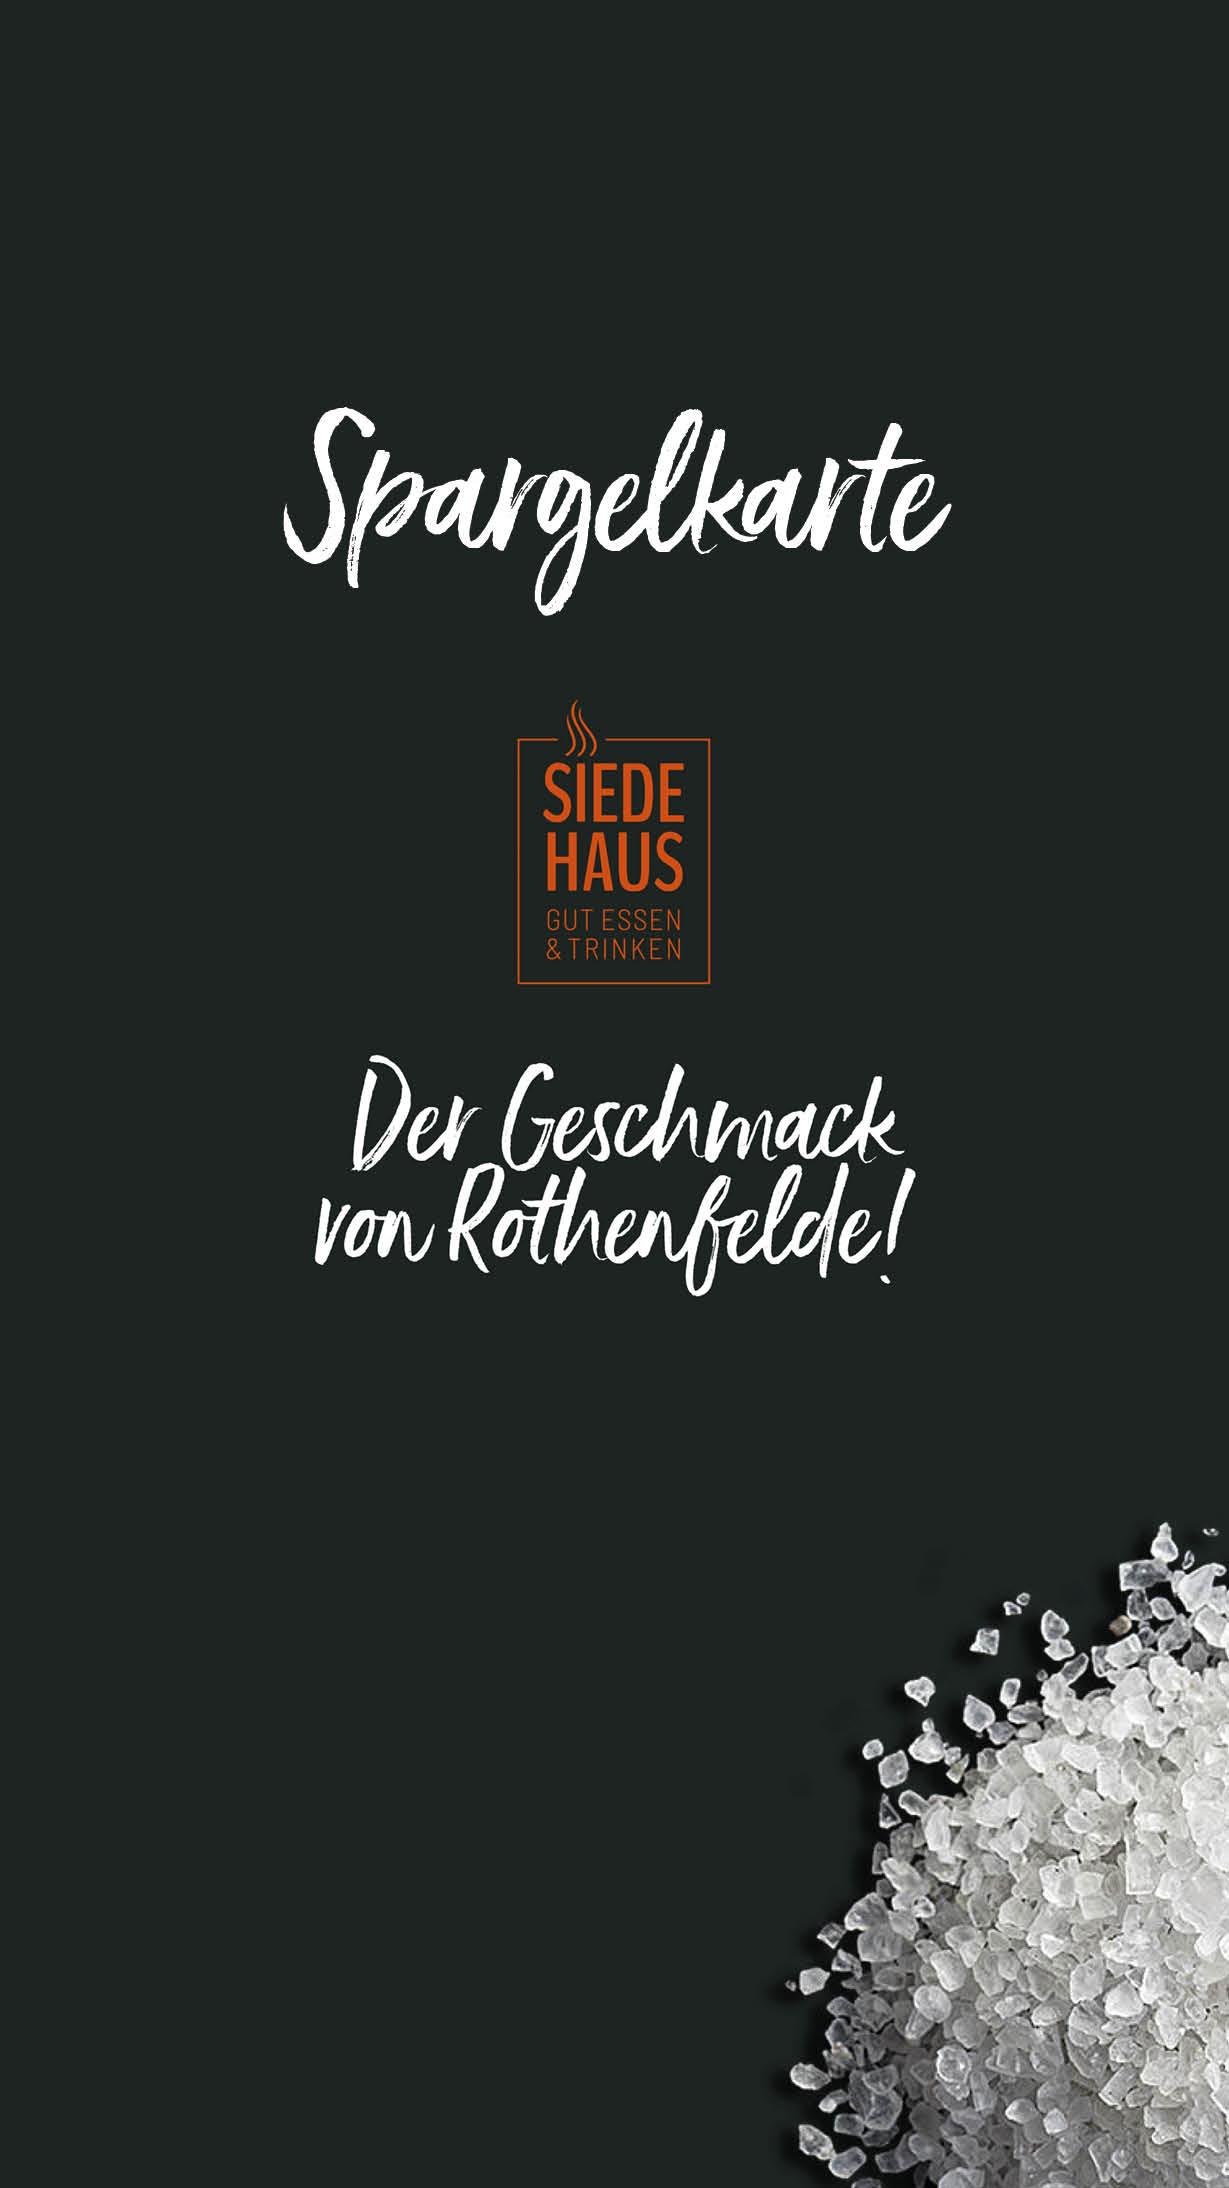 Siedehaus_Spargelkarte